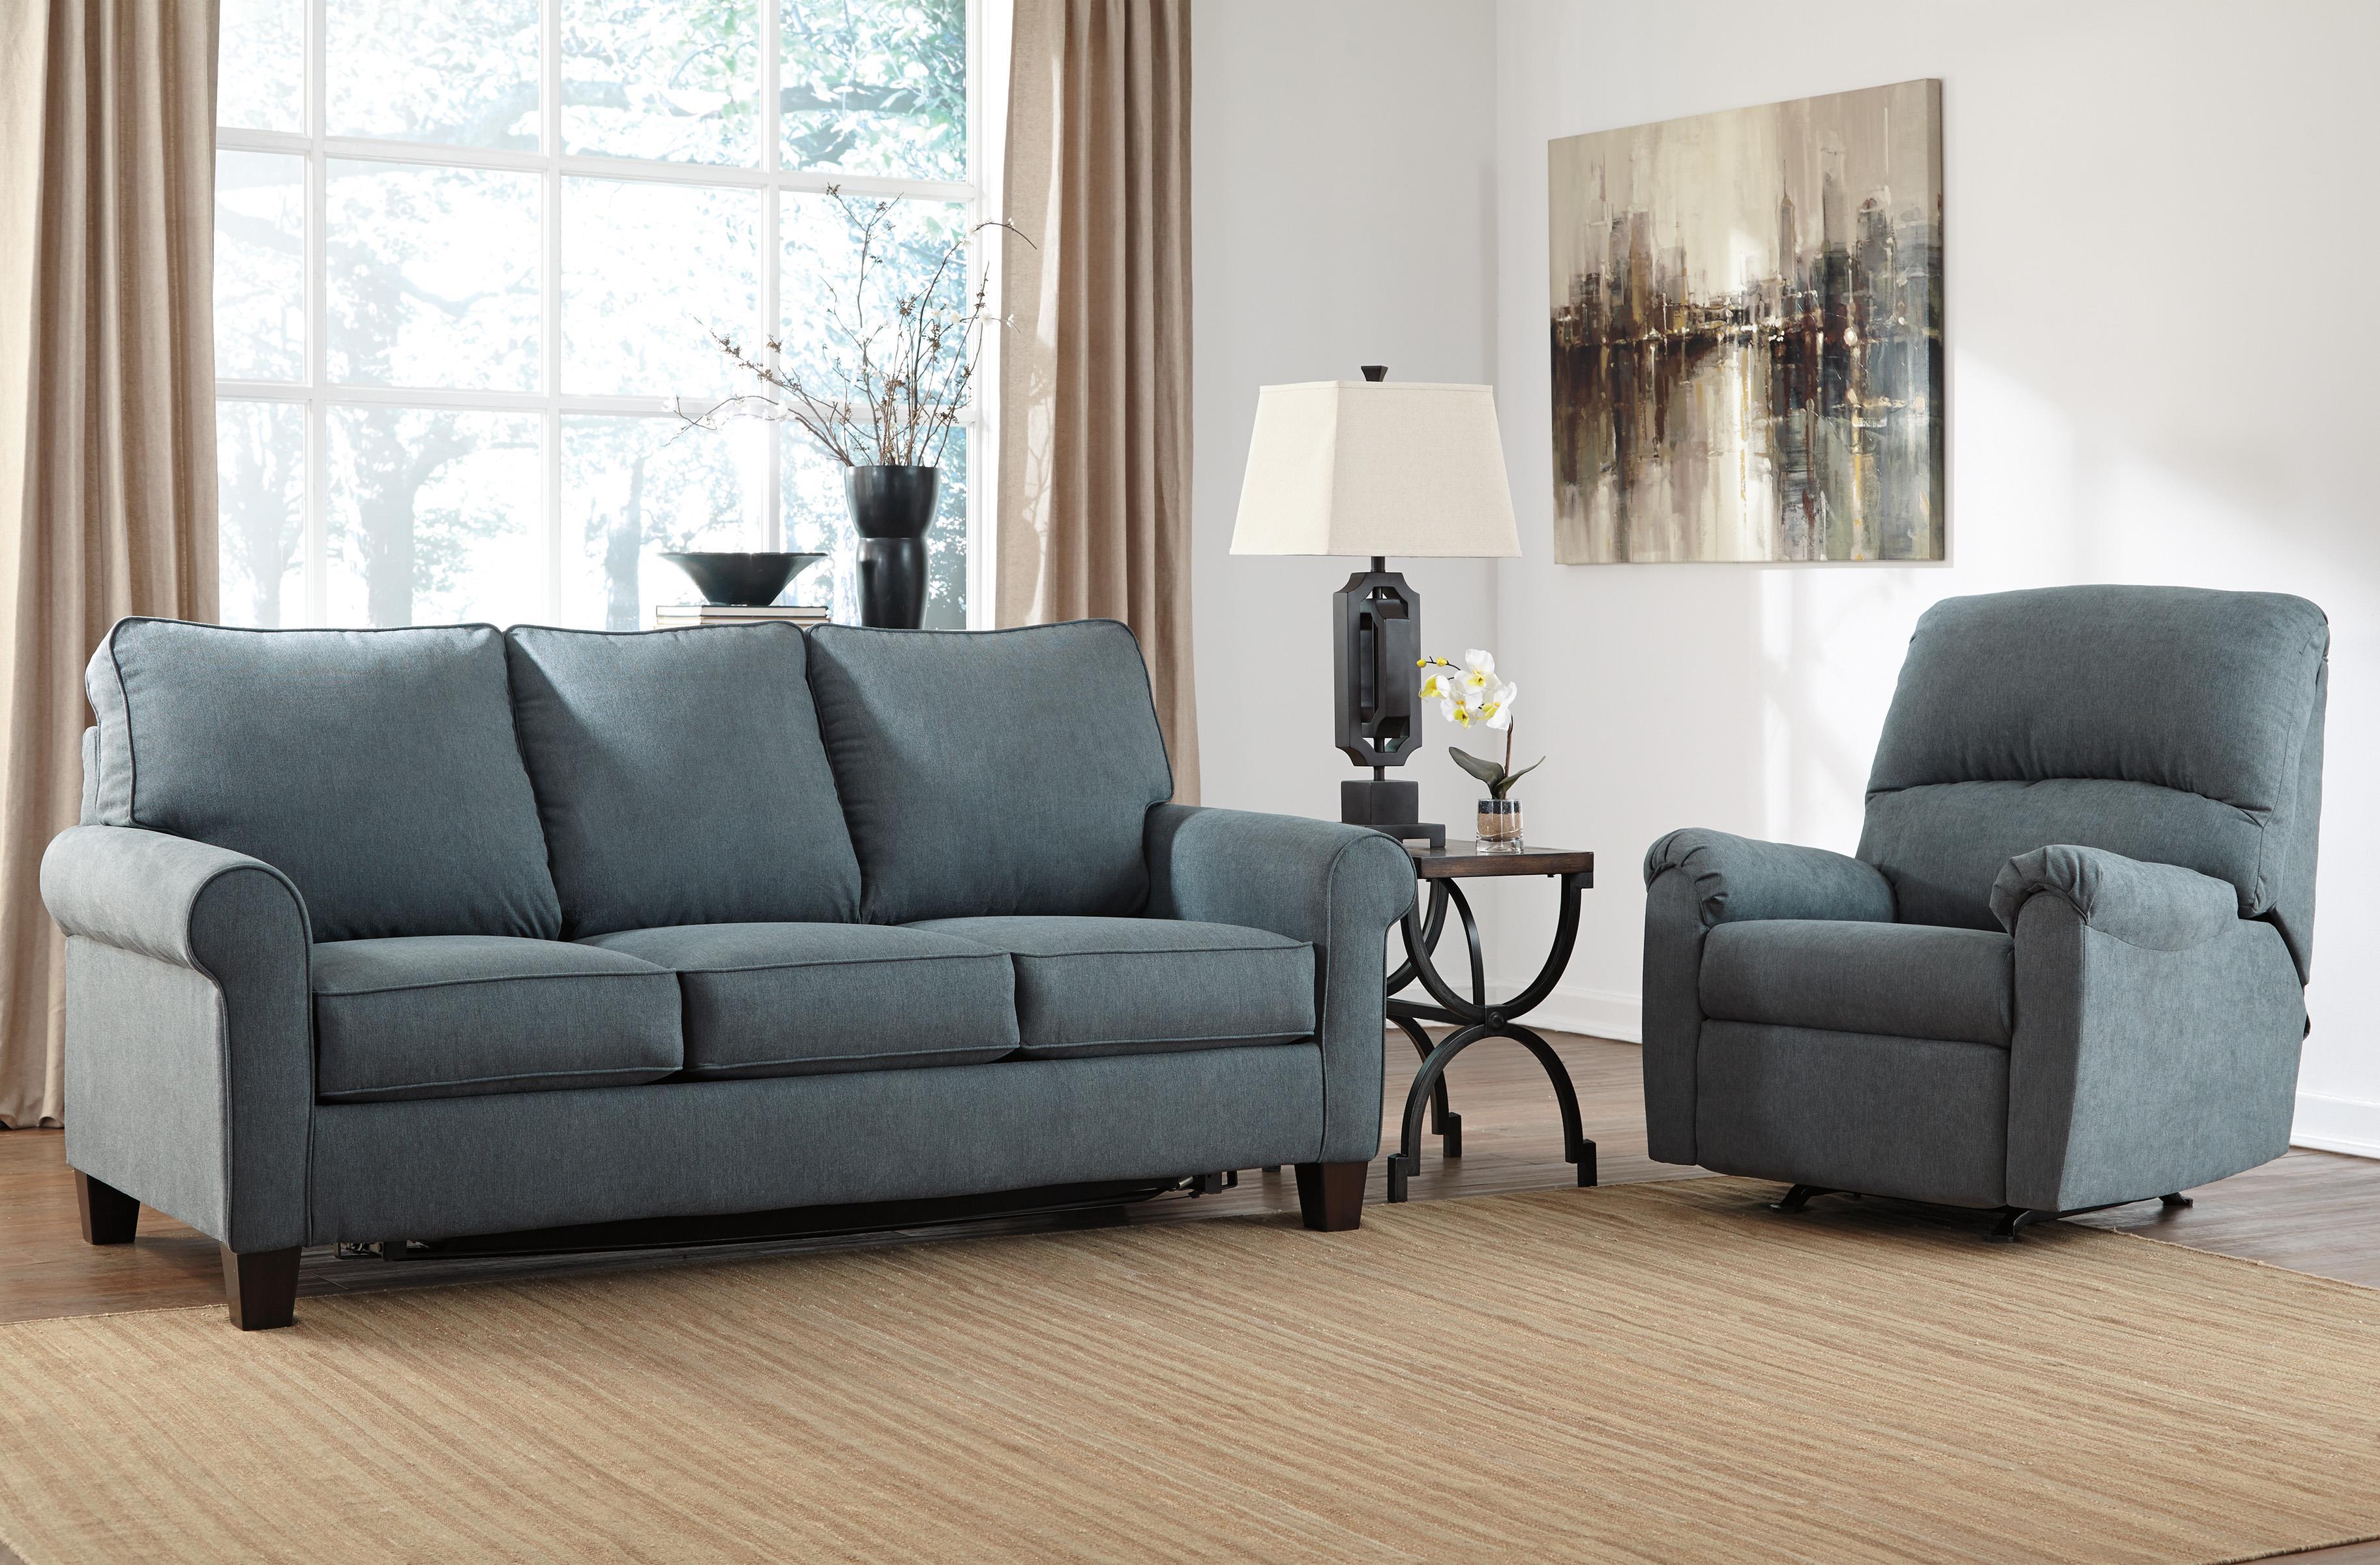 Signature Design by Ashley Zeth - Denim Stationary Living Room Group - Item Number: 27101 Living Room Group 1